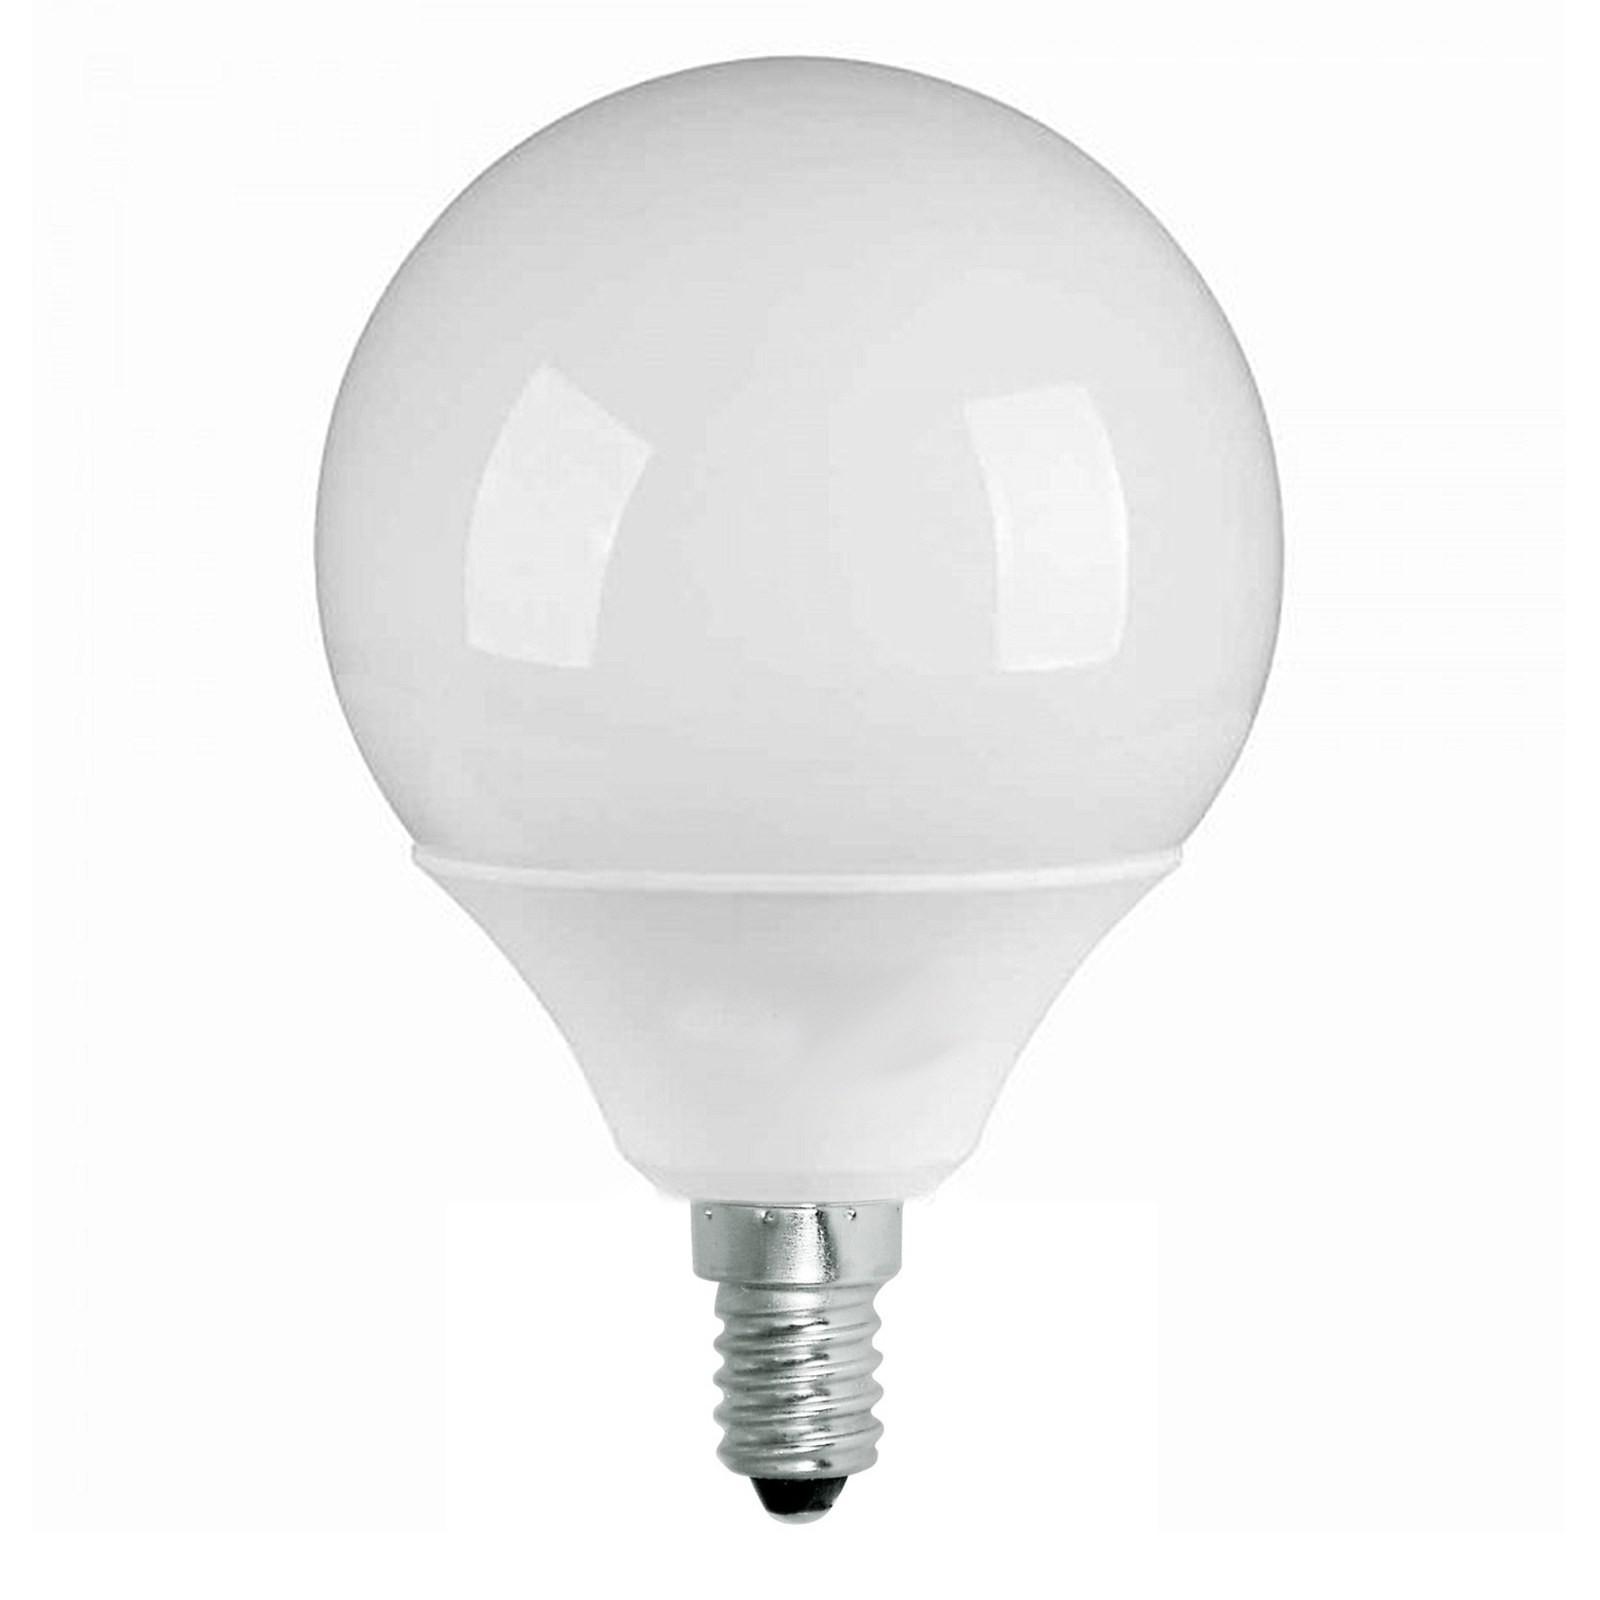 Lampada lampadina a led 4 5 45 watt attacco e14 luce for Lampadine casa led